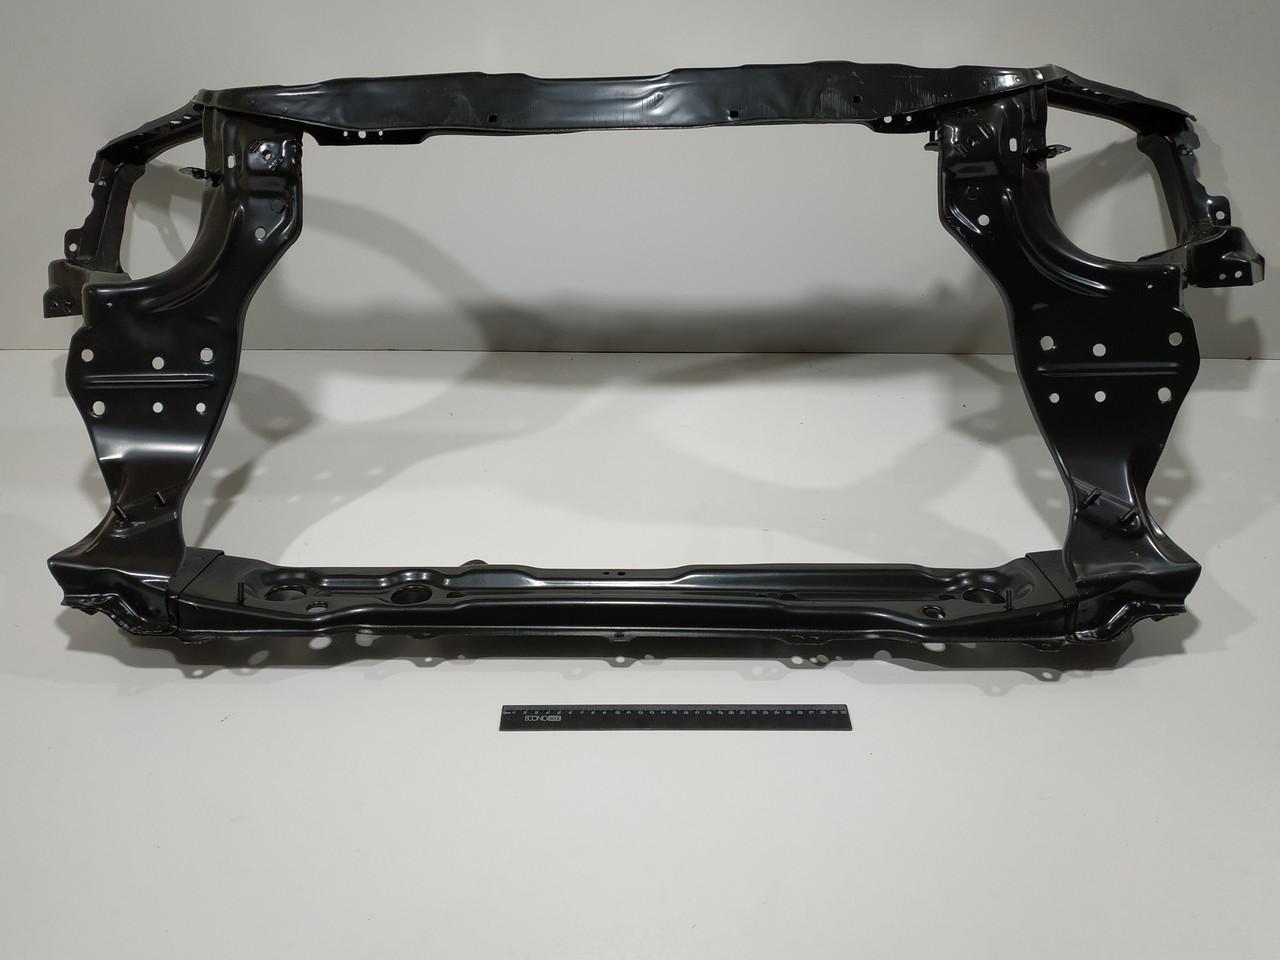 Панель Aveo T250, Forma Parts (FP 1708 200) передняя в сборе